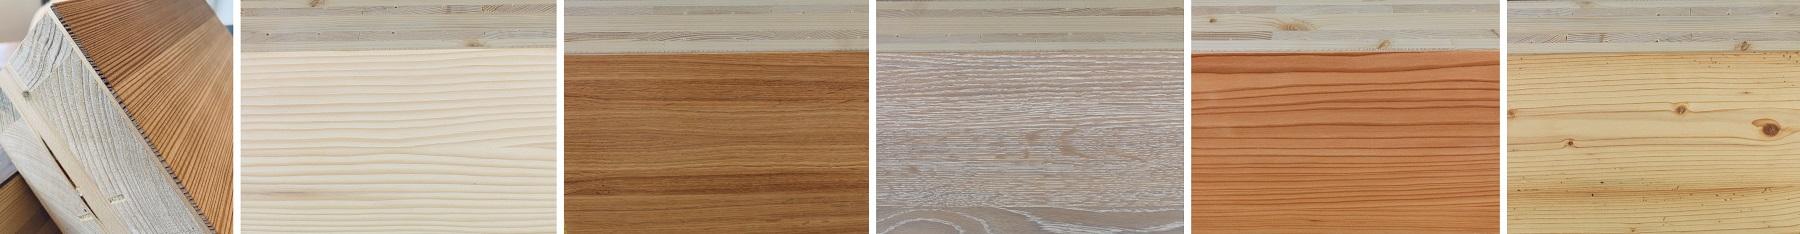 Brettsperrholz mit verschiedenen Exklusivoberflächen